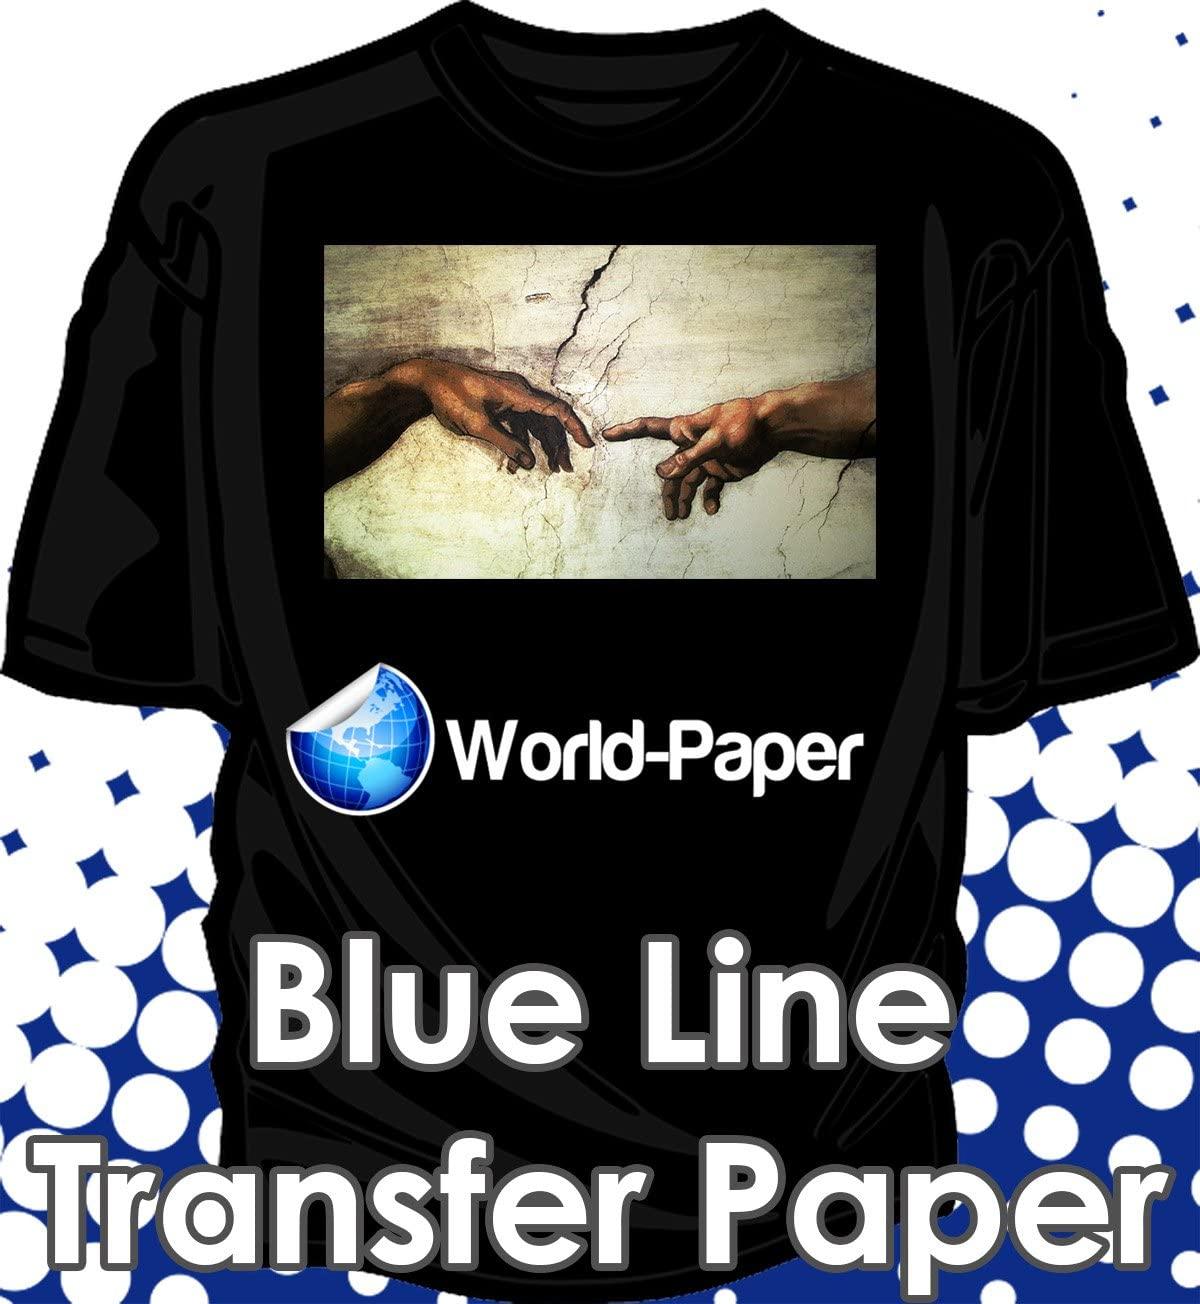 Inkjet Dark Fabric Transfer Paper 11x17 For Inkjet Printer Iron On Blue Line For Dark Fabric 50 Sheets